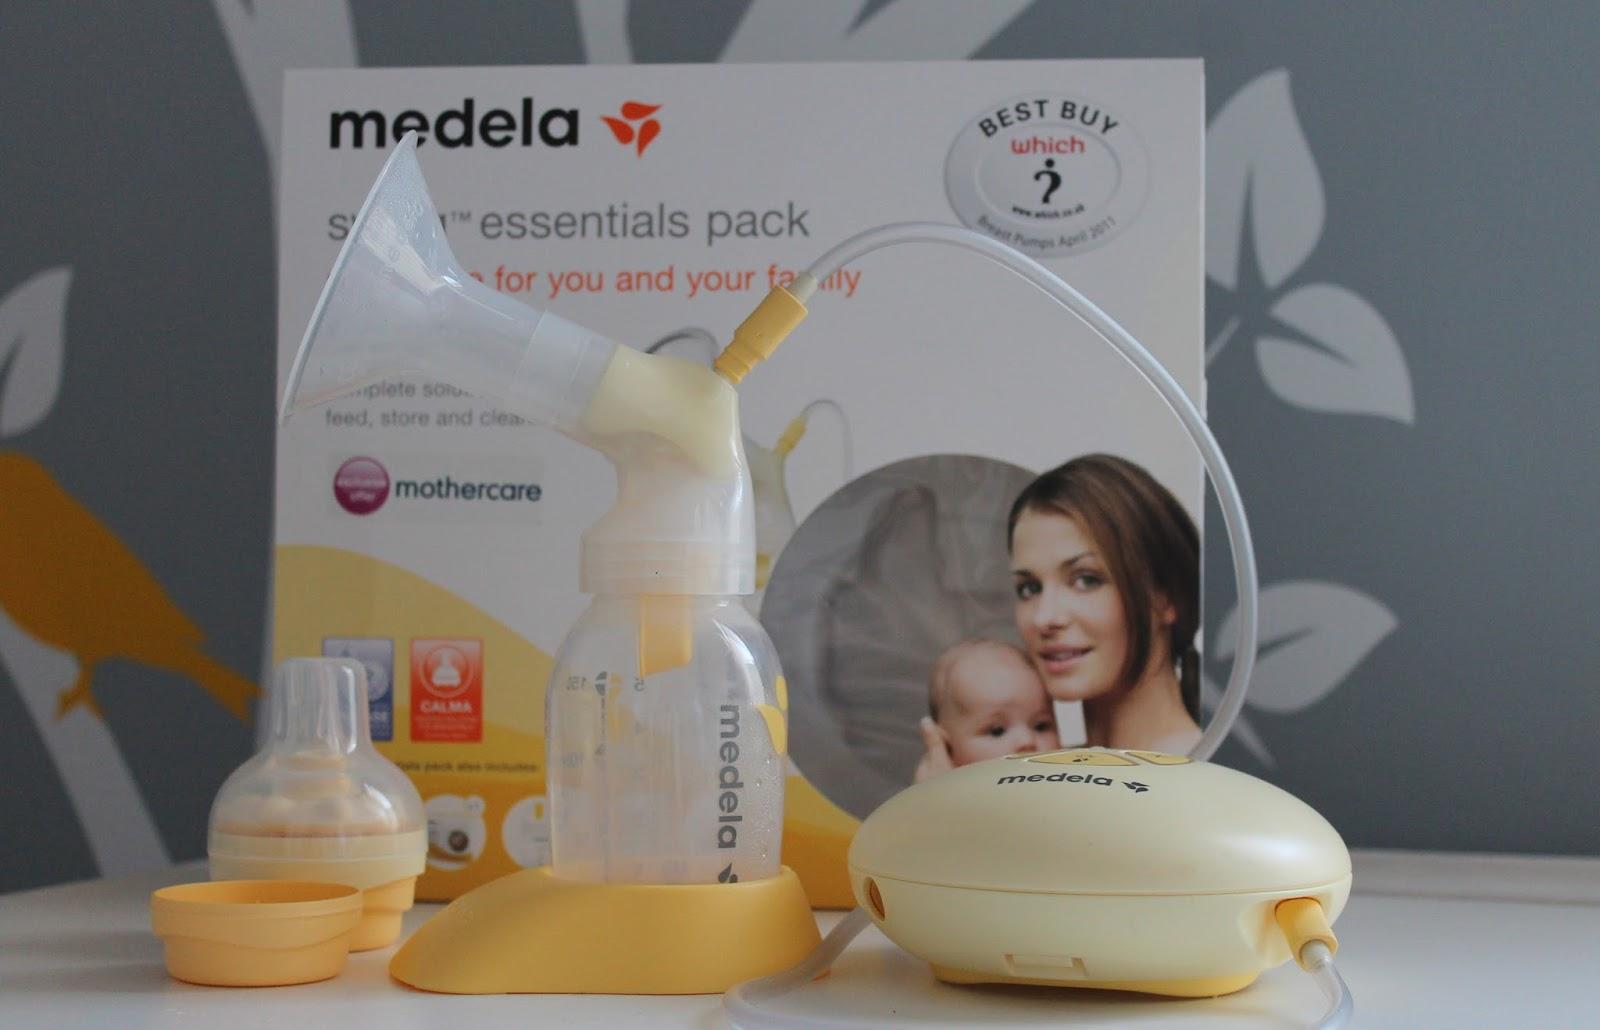 Medela Electric Swing Breast Pump Essentials Kit vs Medela Harmony Manual Breast Pump